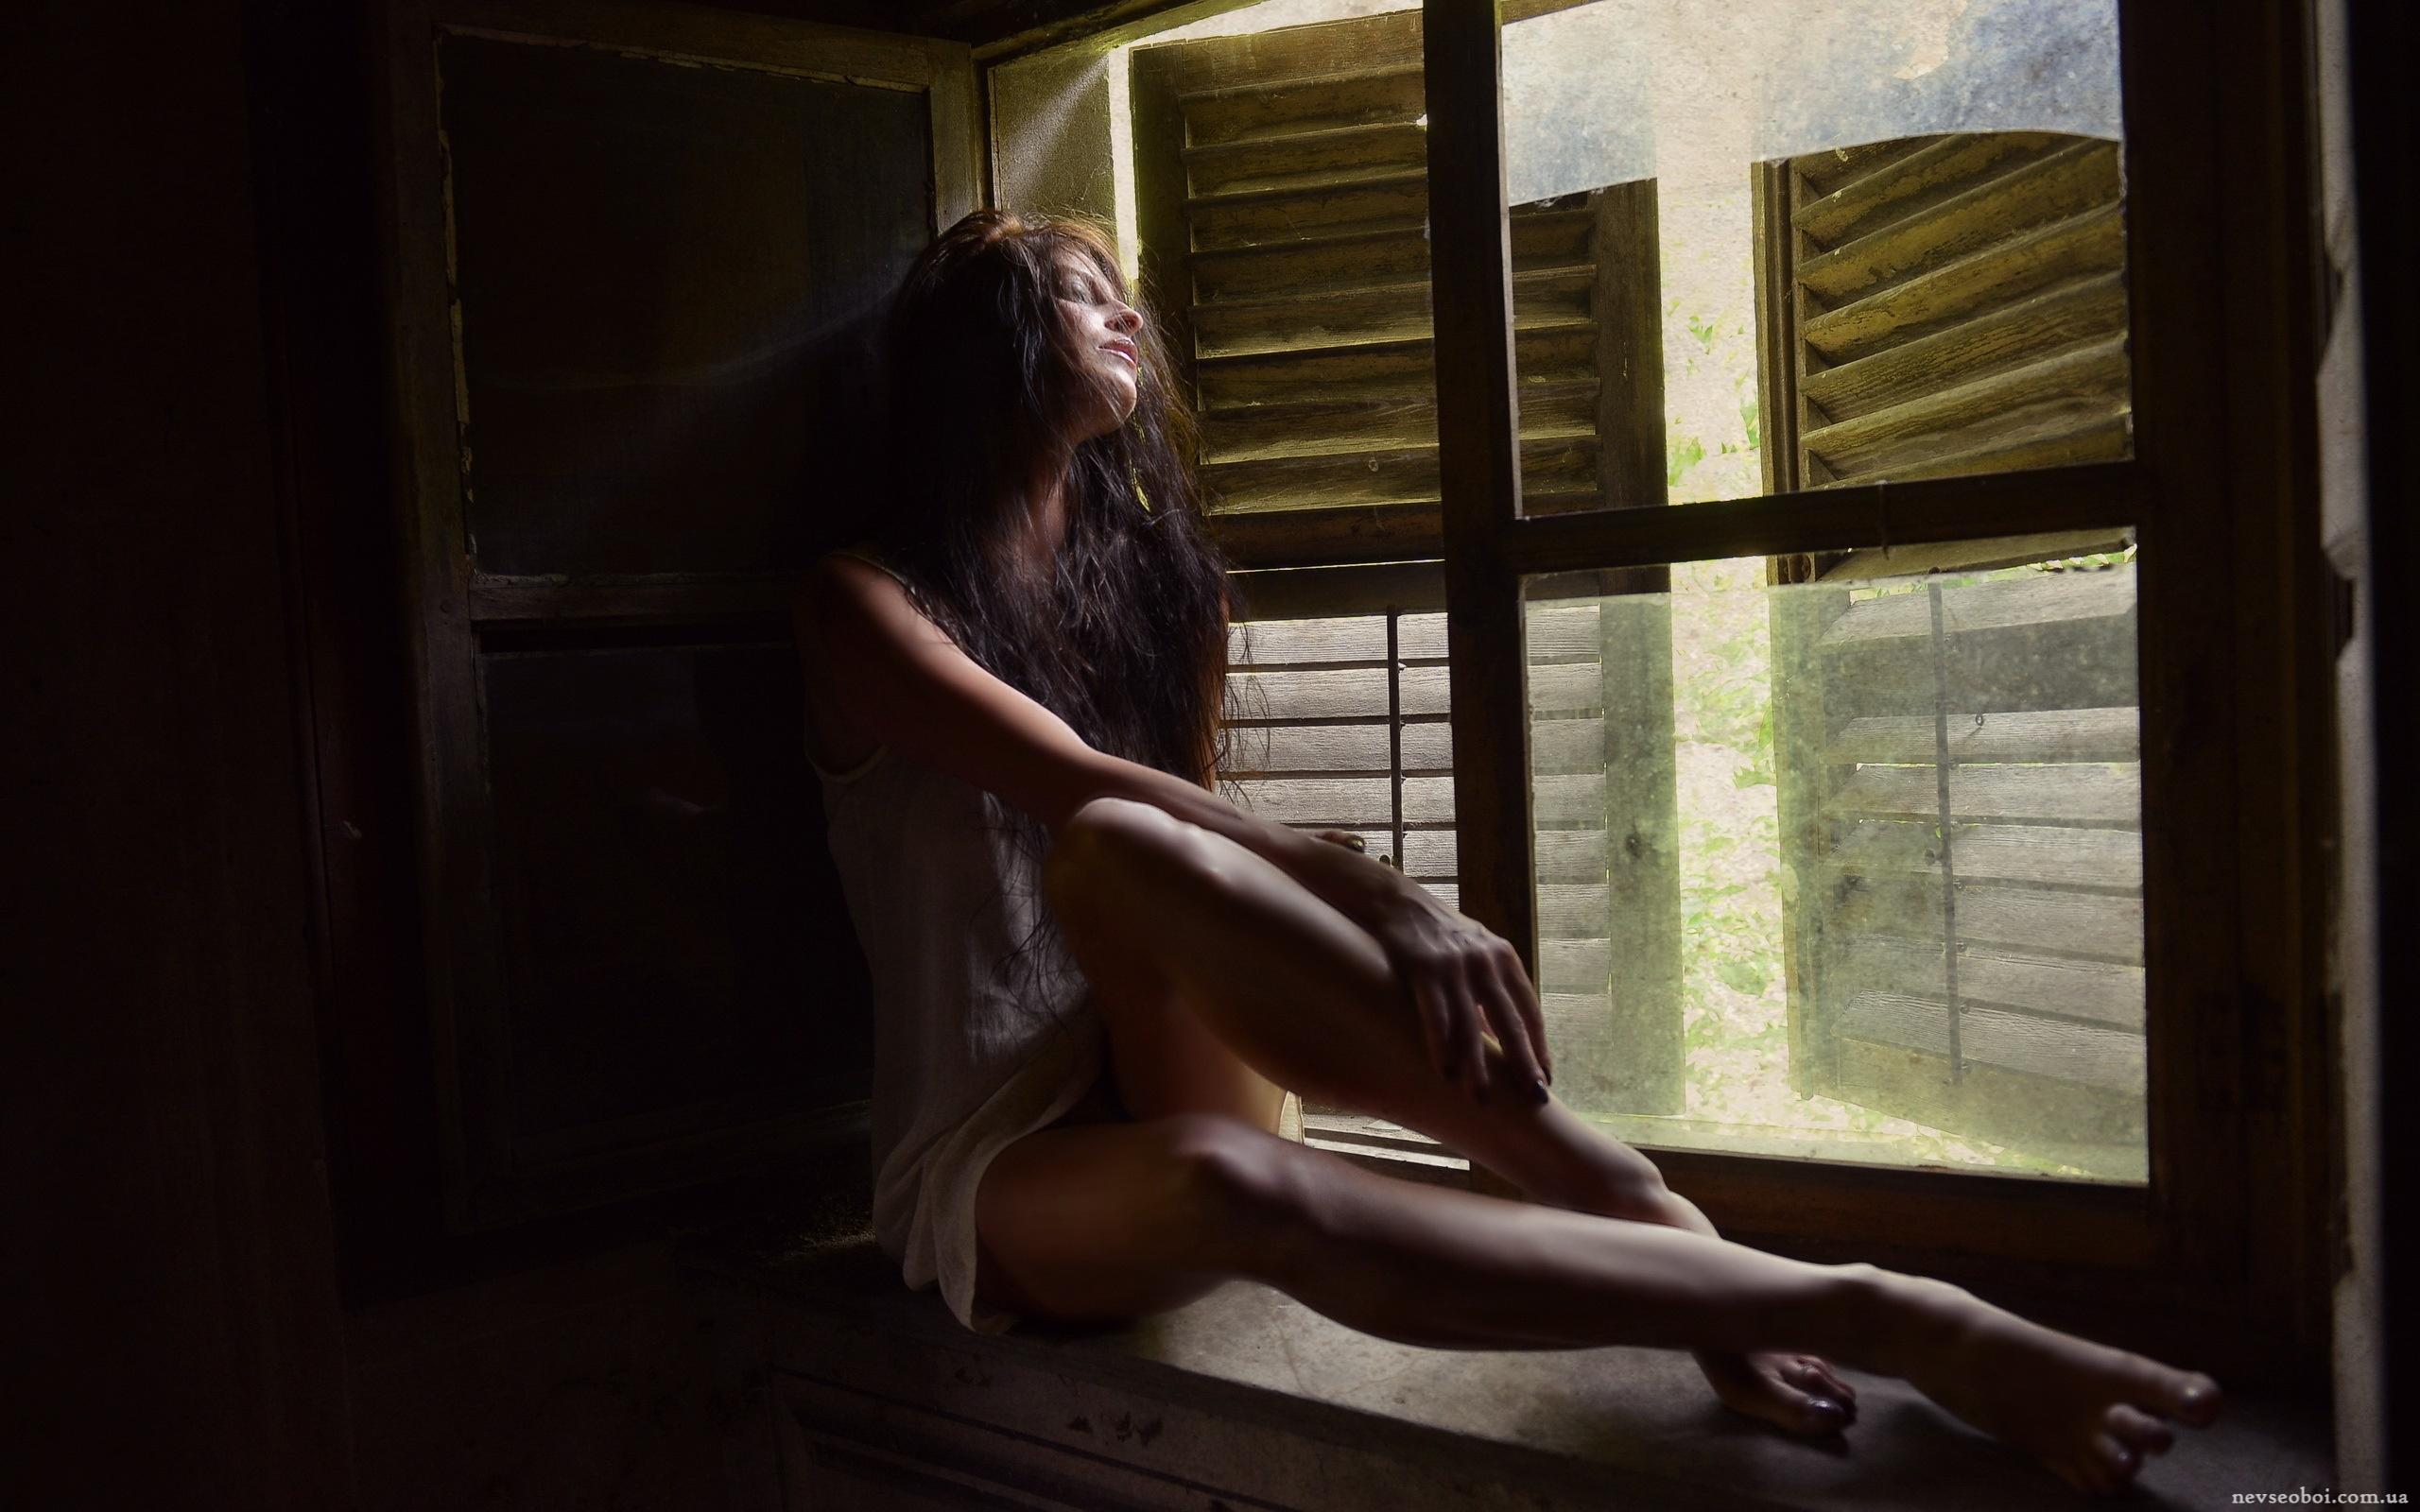 Скучающим девушкам вздумалось позировать голышом дома  7218